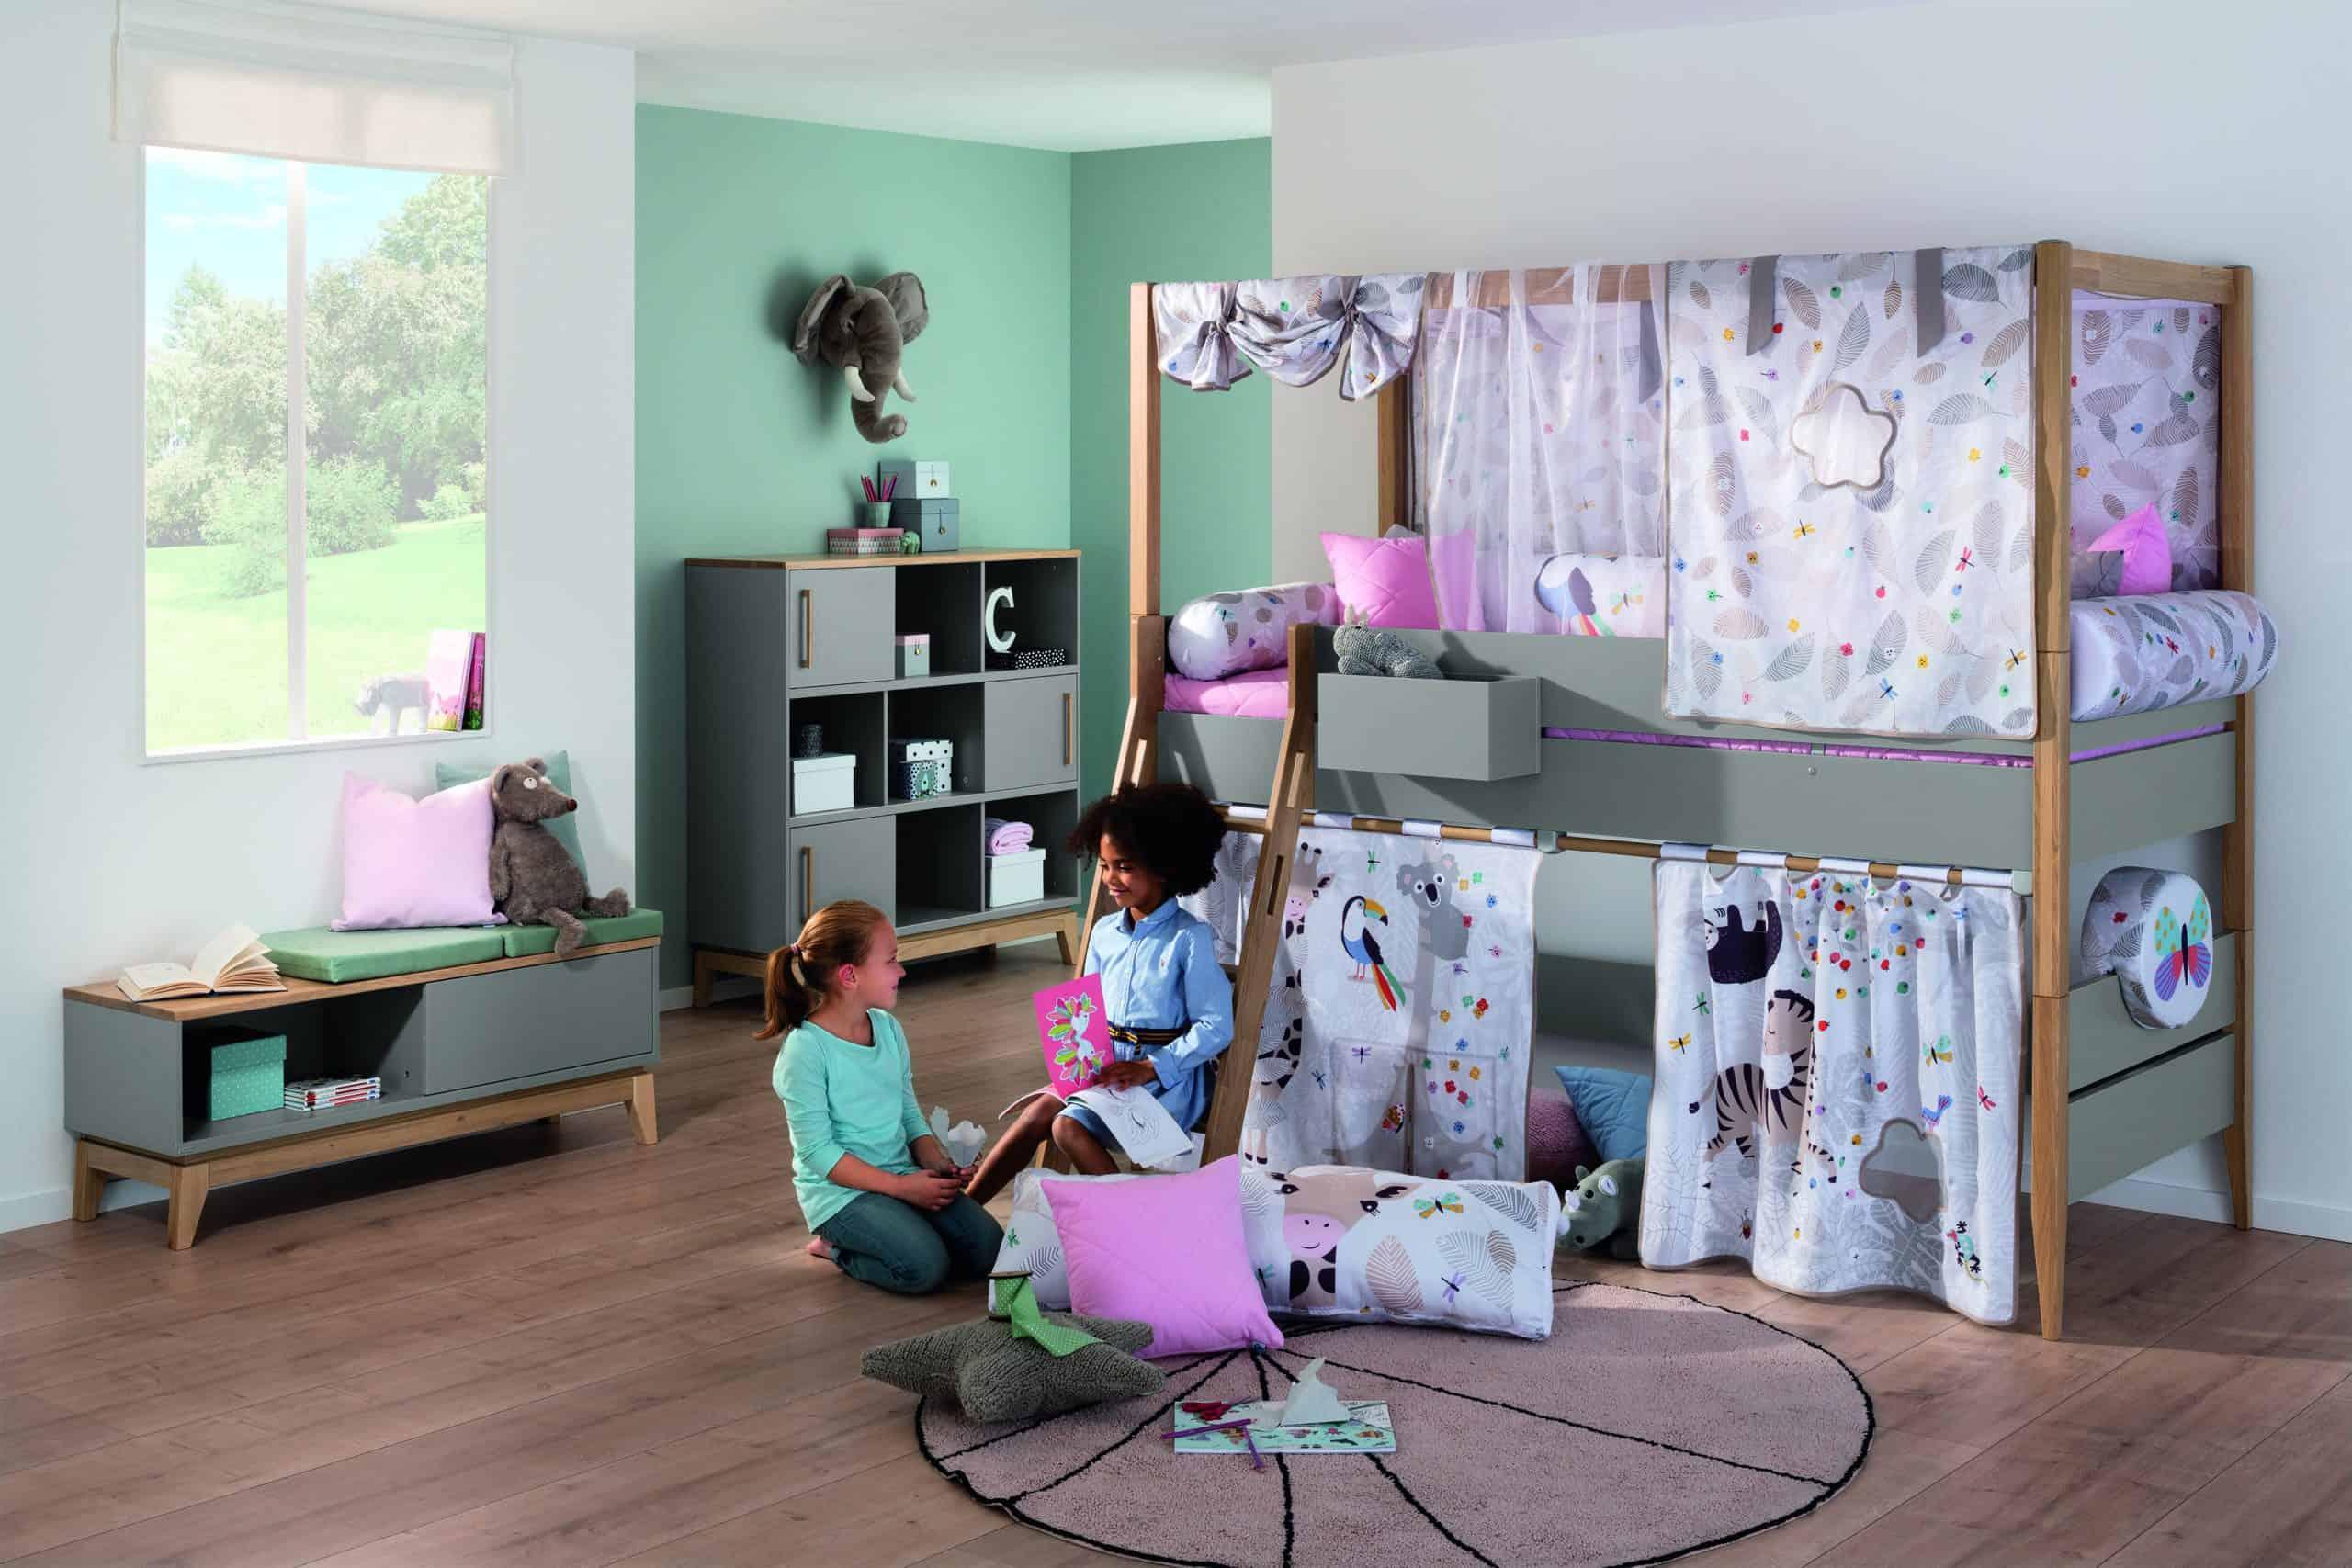 兒童 Play bed 半高床:優點和缺點